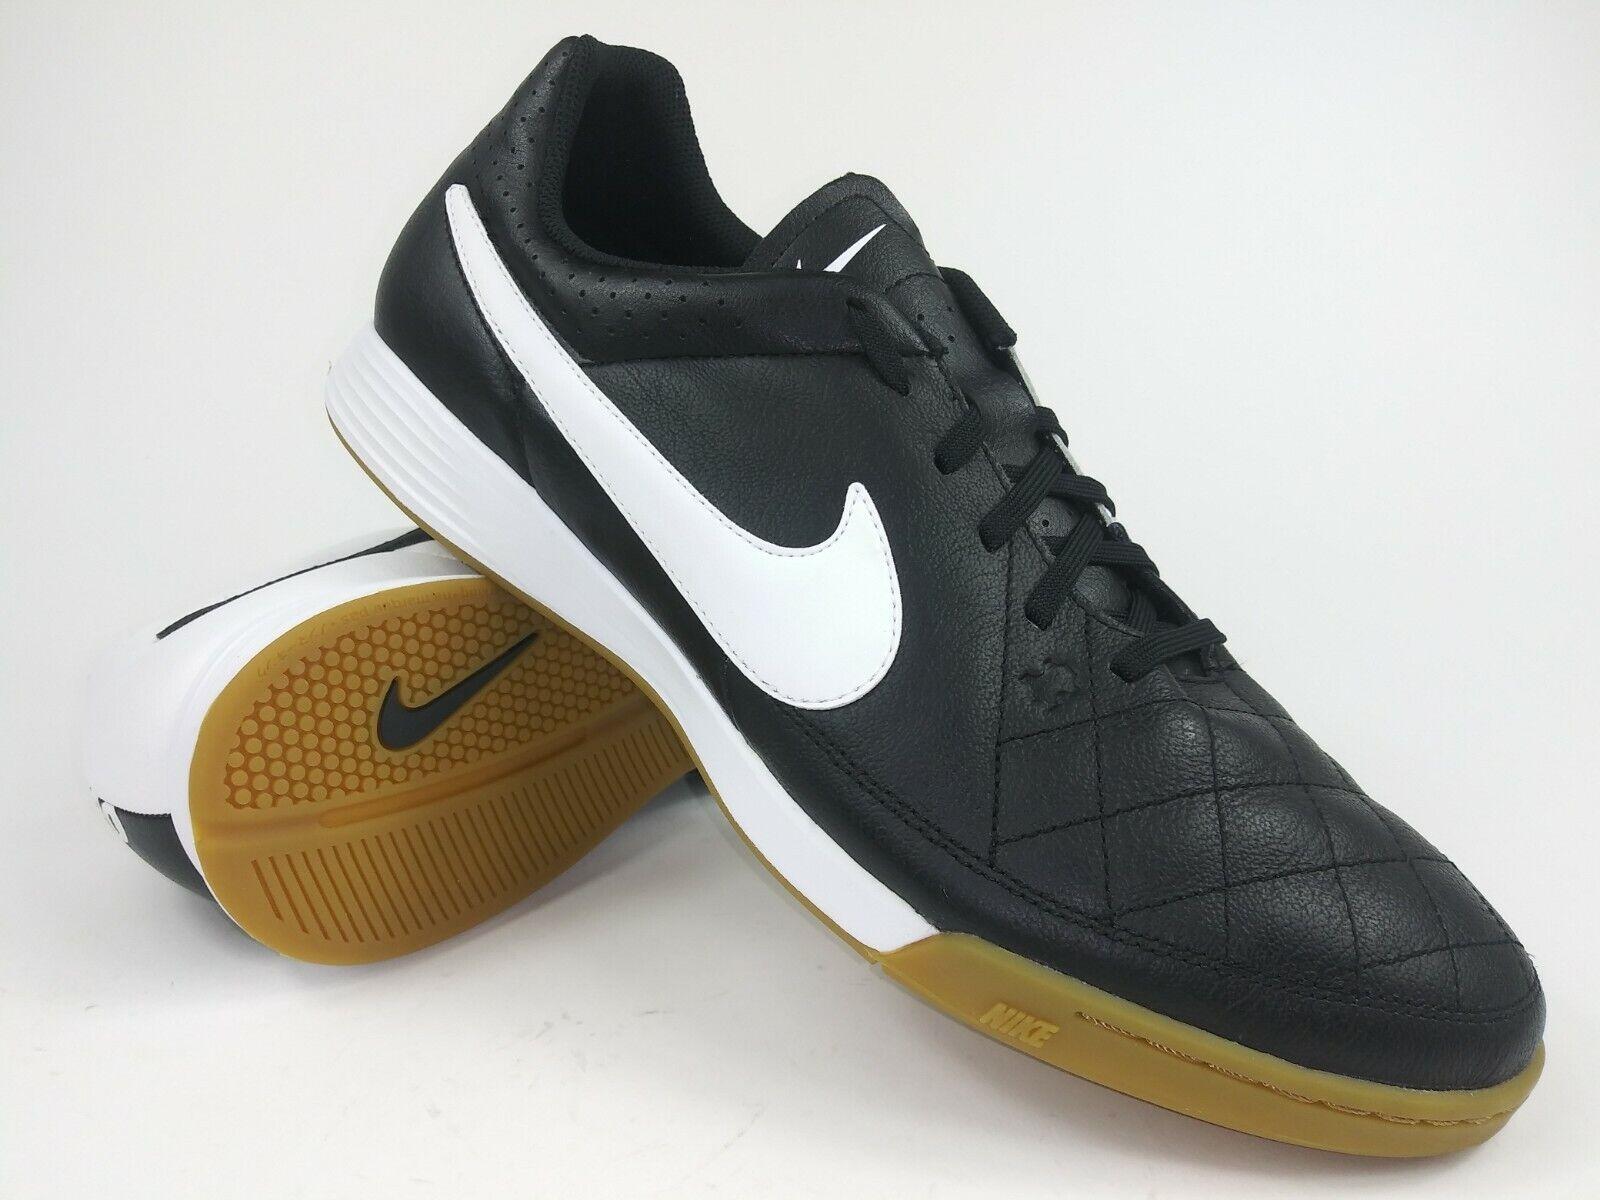 Nike Tiempo Genio Cuero IC 631283 010 blancoo Negro botas Zapatos de Fútbol Indoor